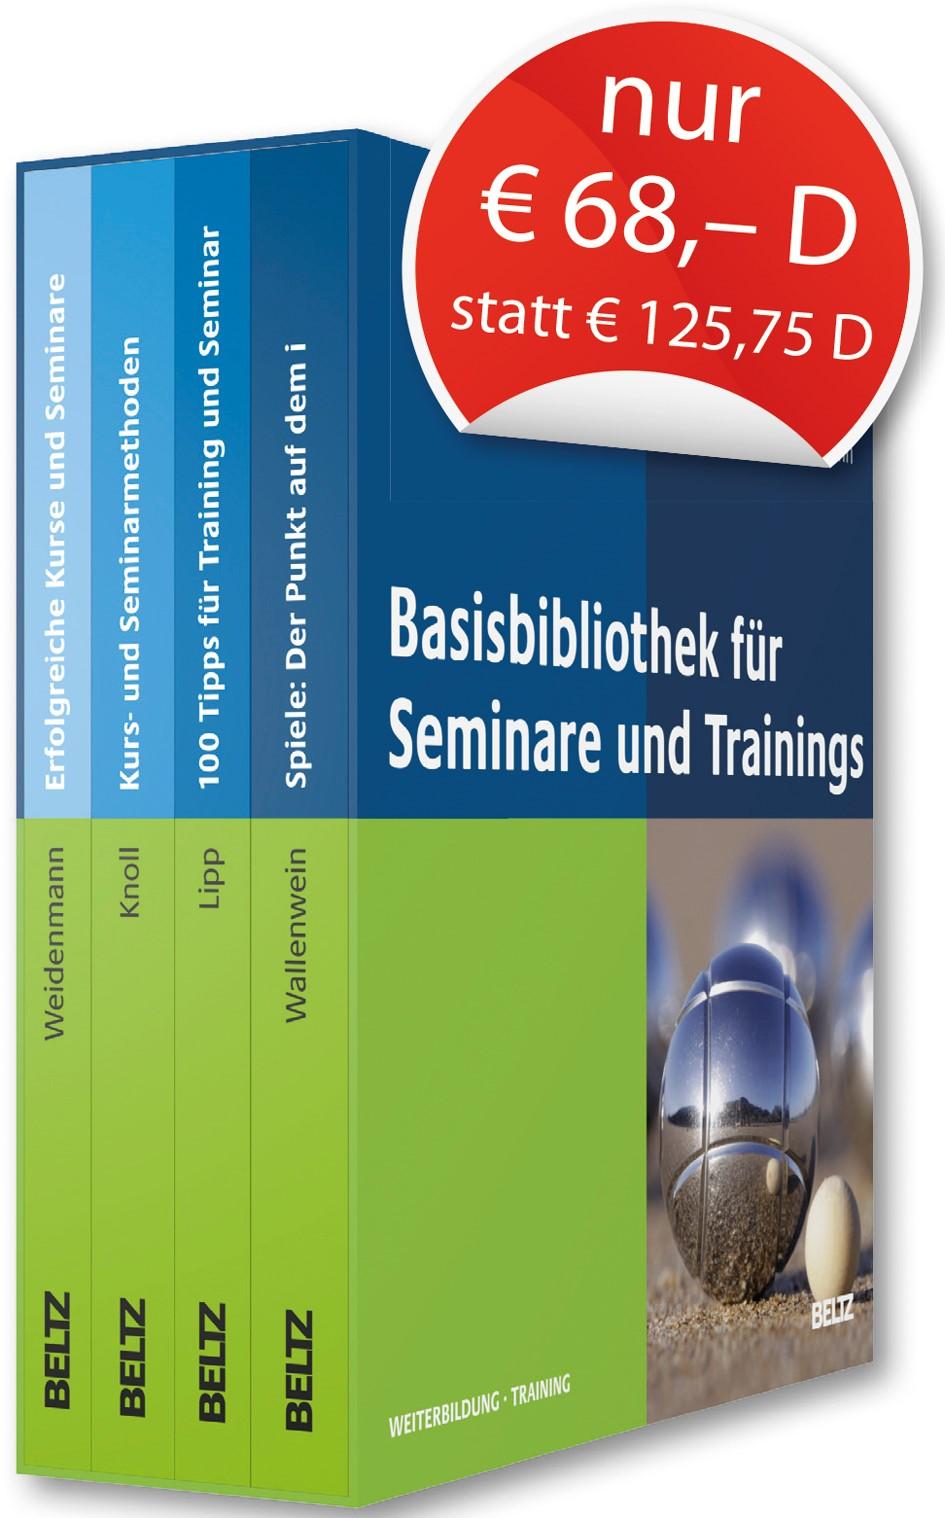 Basis-Bibliothek für Seminare und Trainings | Lipp / Knoll / Wallenwein-Toelstede, 2013 | Buch (Cover)